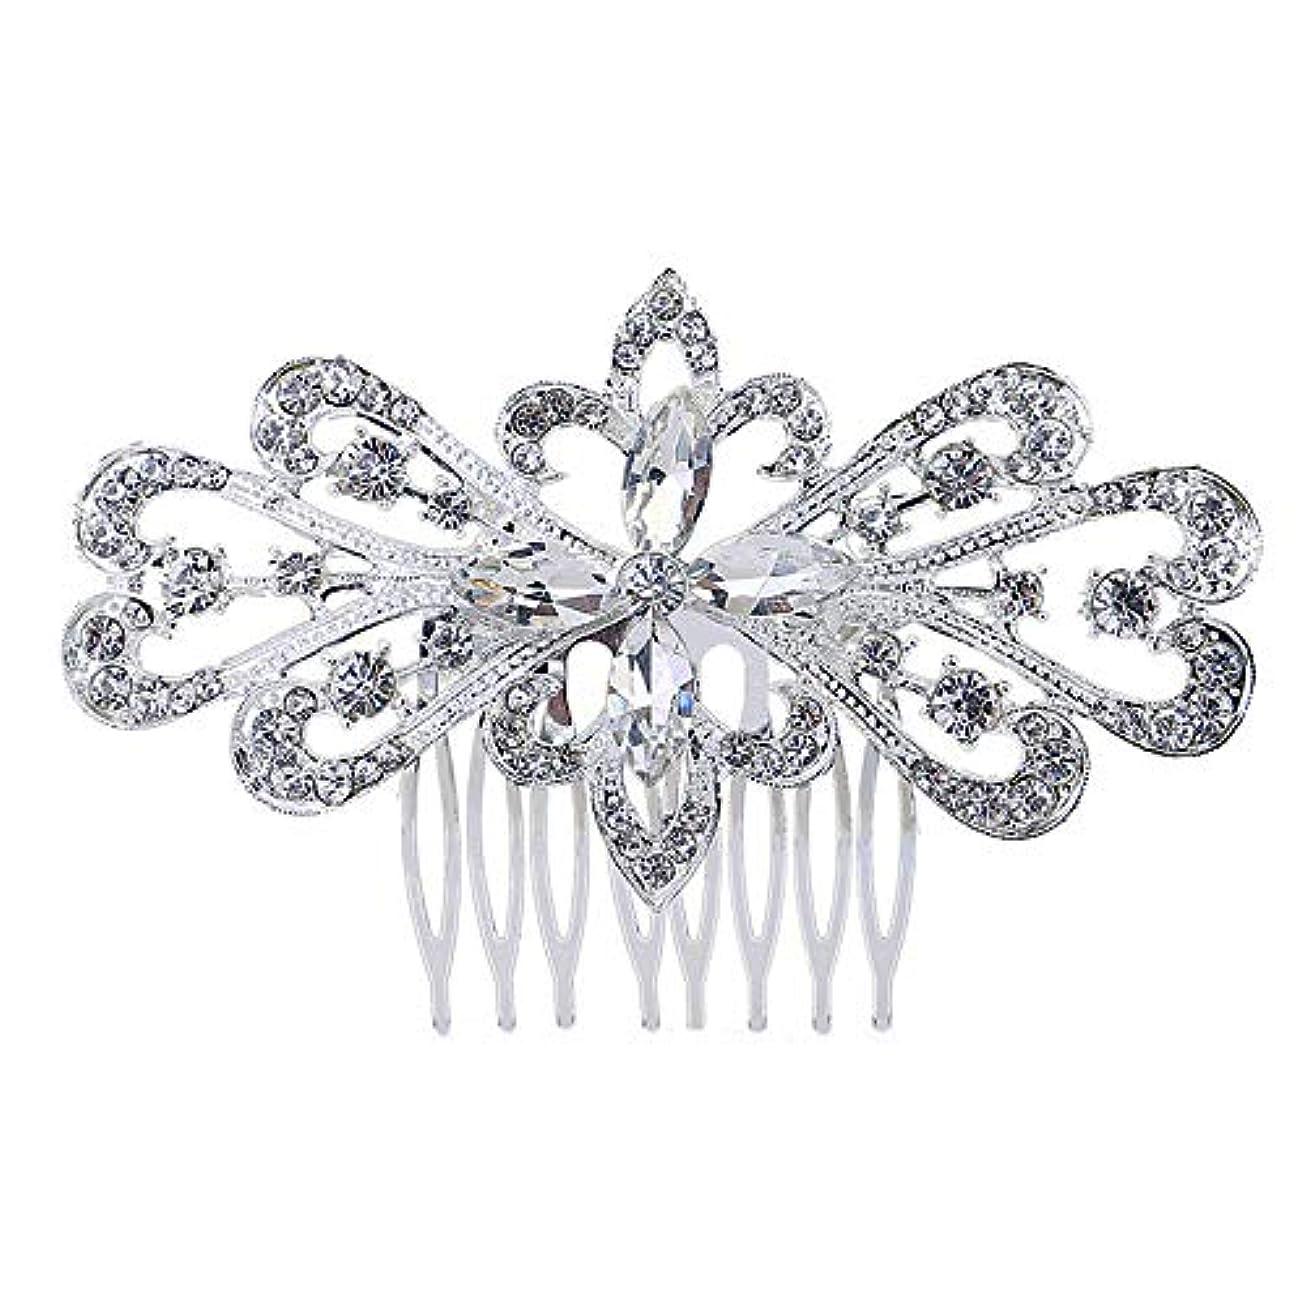 資格月ルーキー髪の櫛の櫛の櫛の花嫁の髪の櫛の花の髪の櫛のラインストーンの挿入物の櫛の合金の帽子の結婚式のアクセサリー